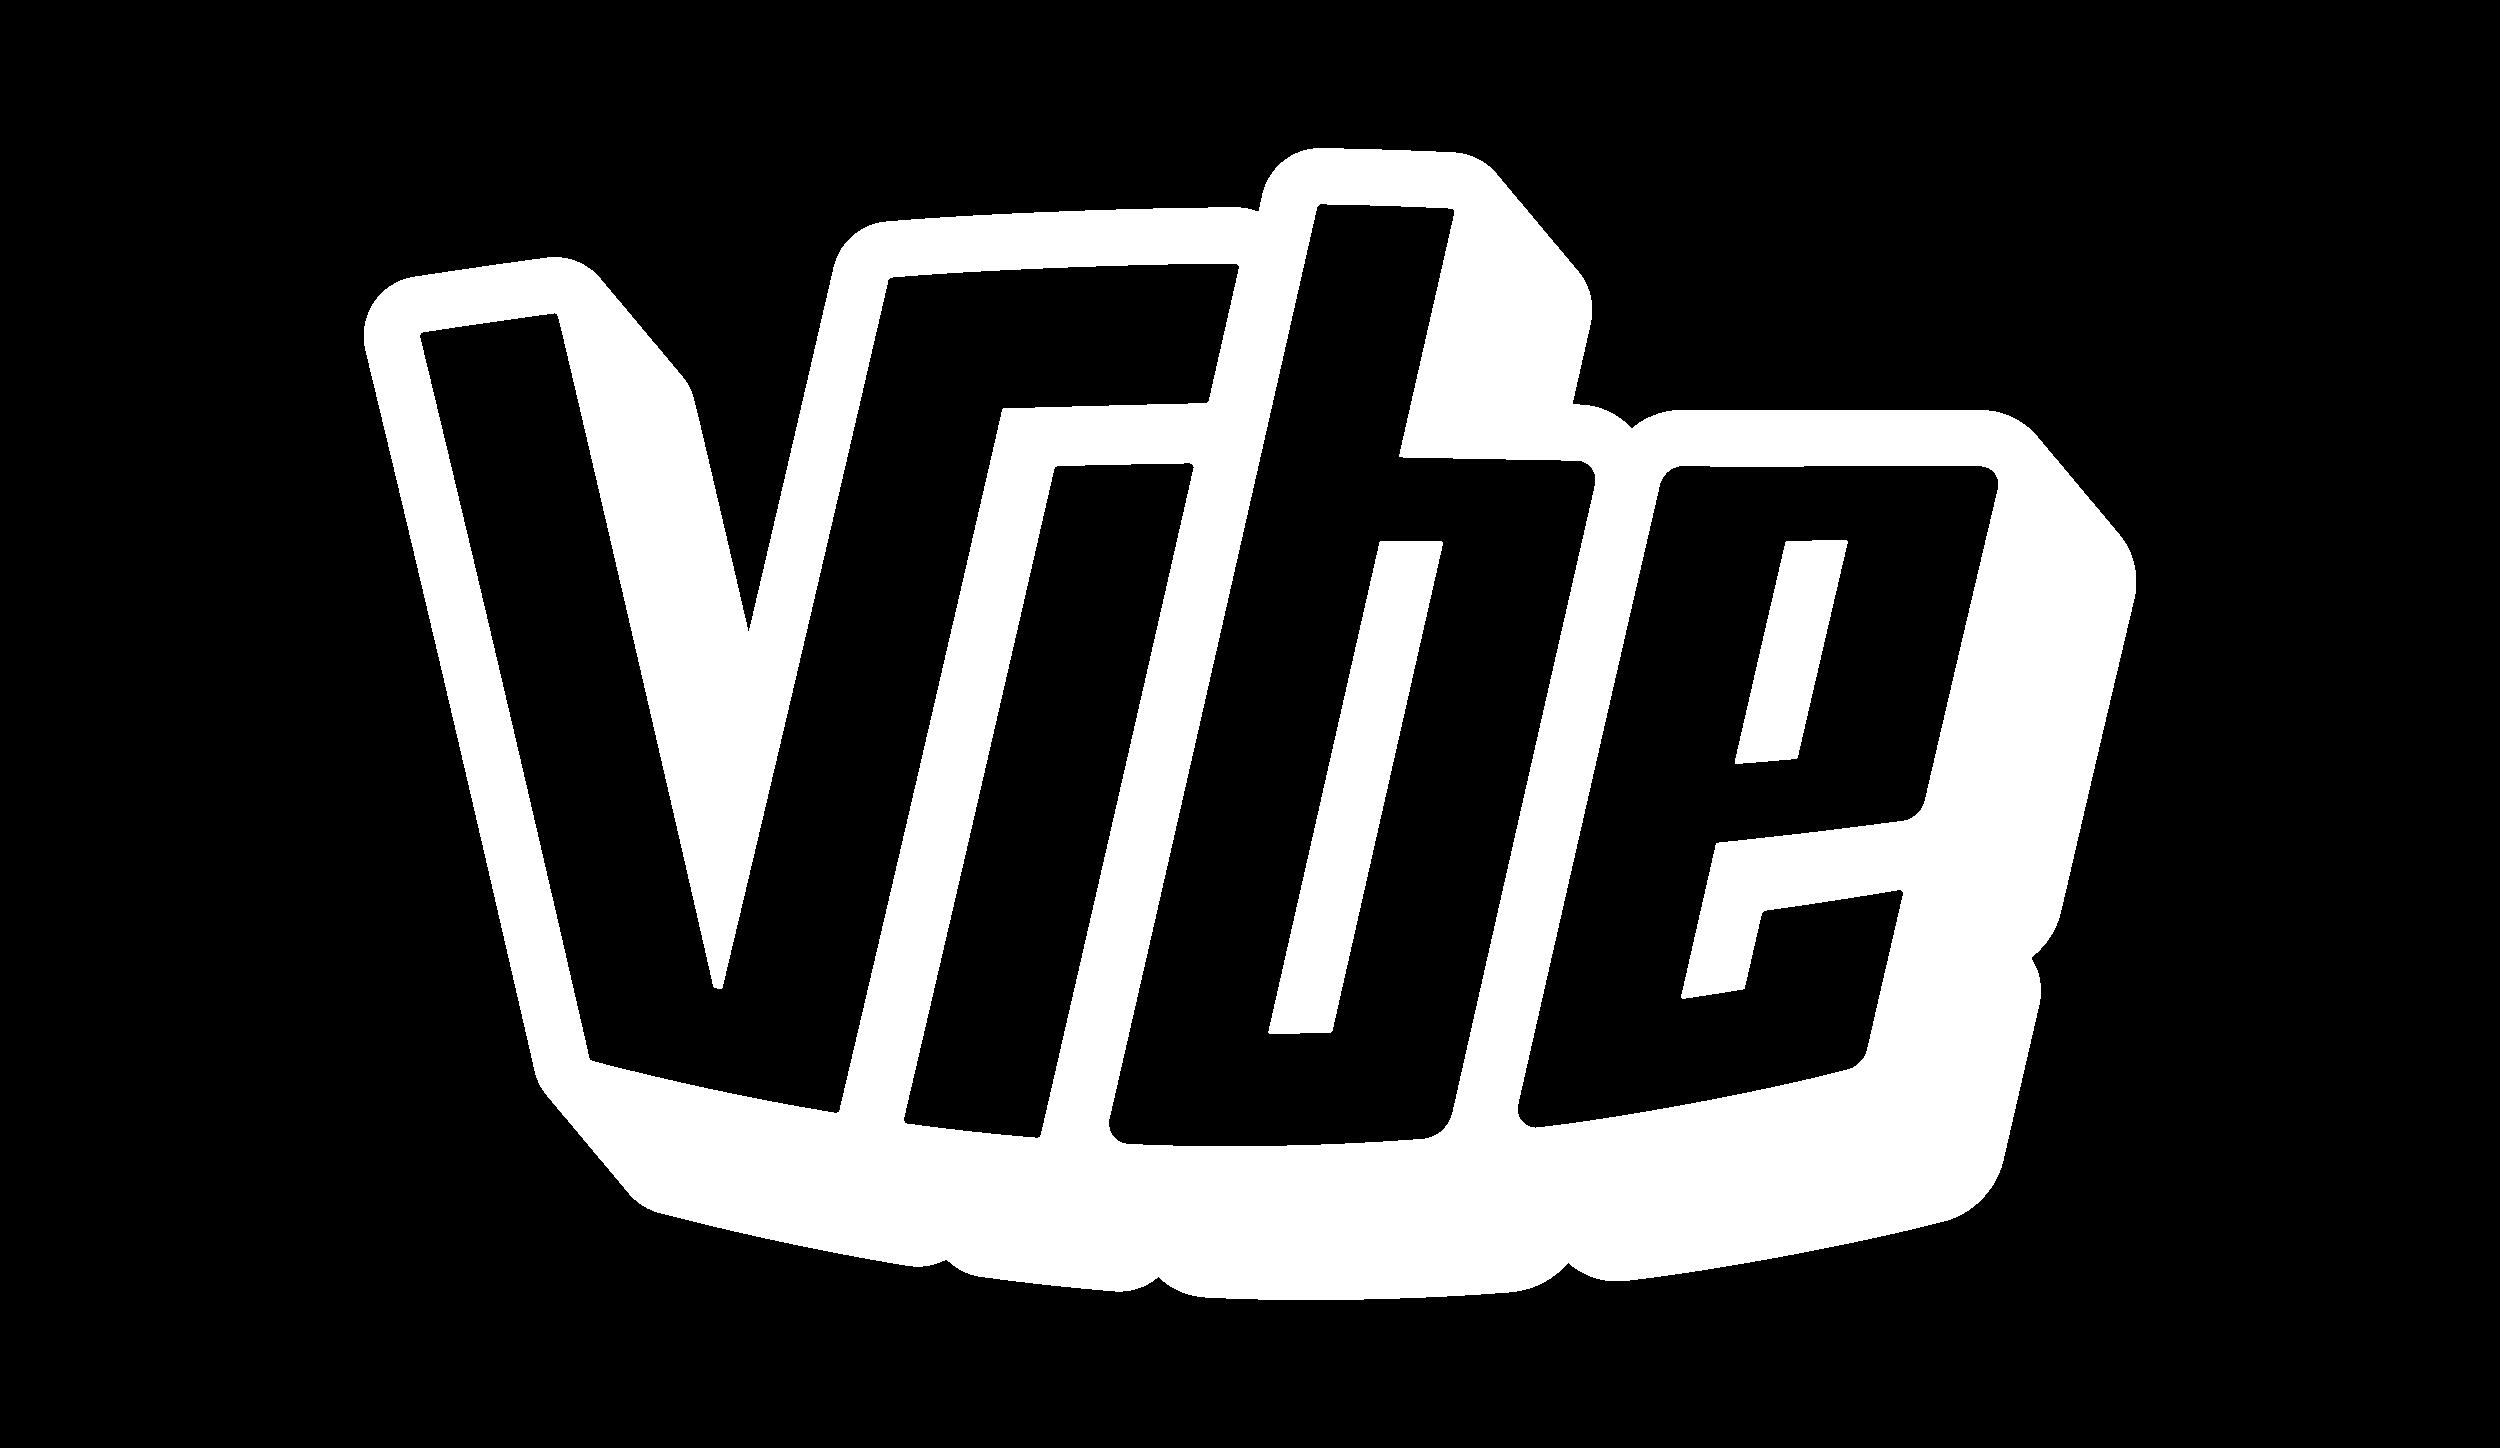 vv-logo_CaseStudies.png